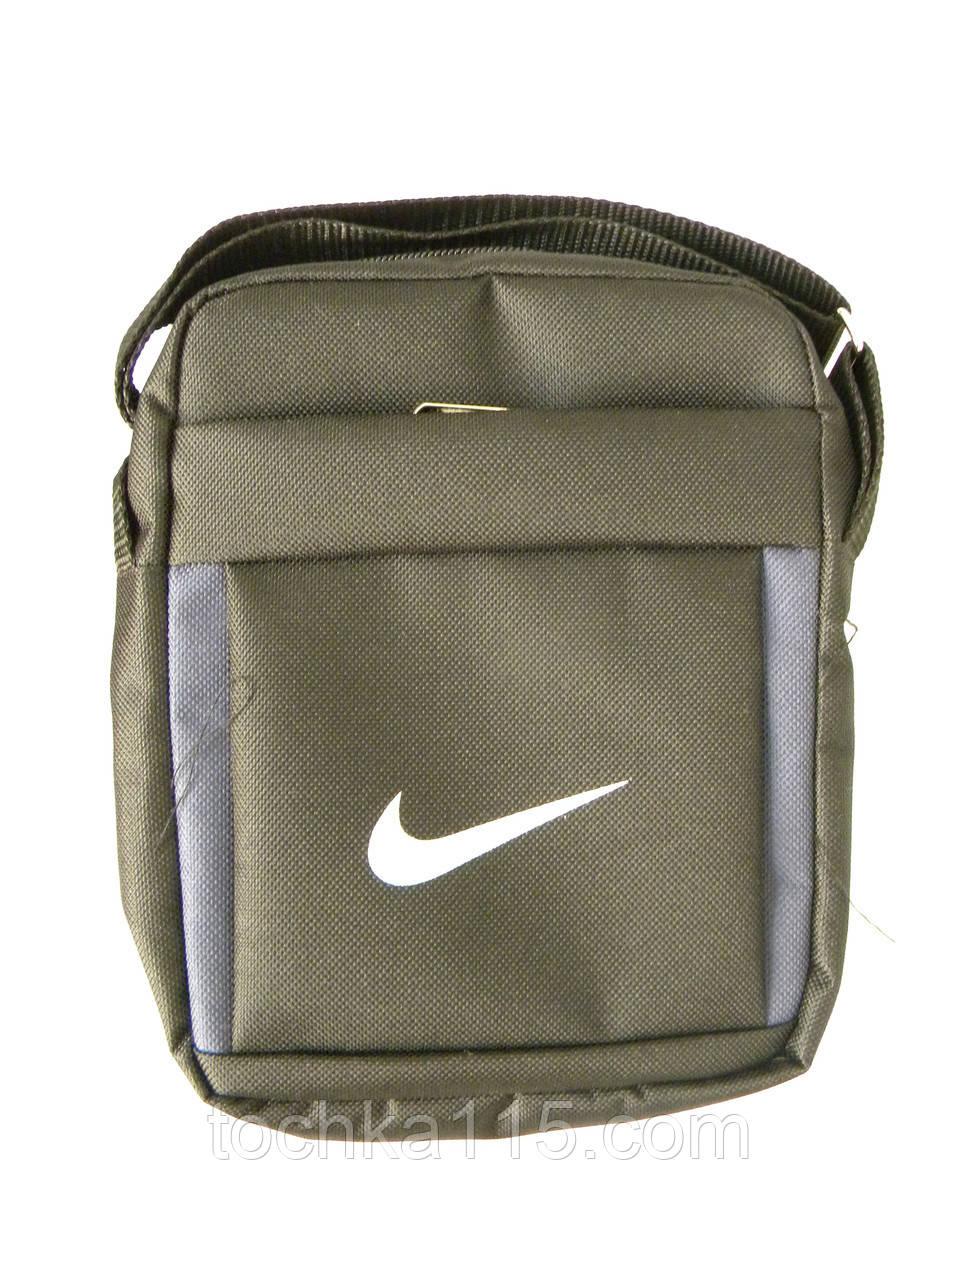 022bb81b6 Мужская сумка через плече Nike, чоловiчi сумки Найк, молодежная сумка через  плече, сумка